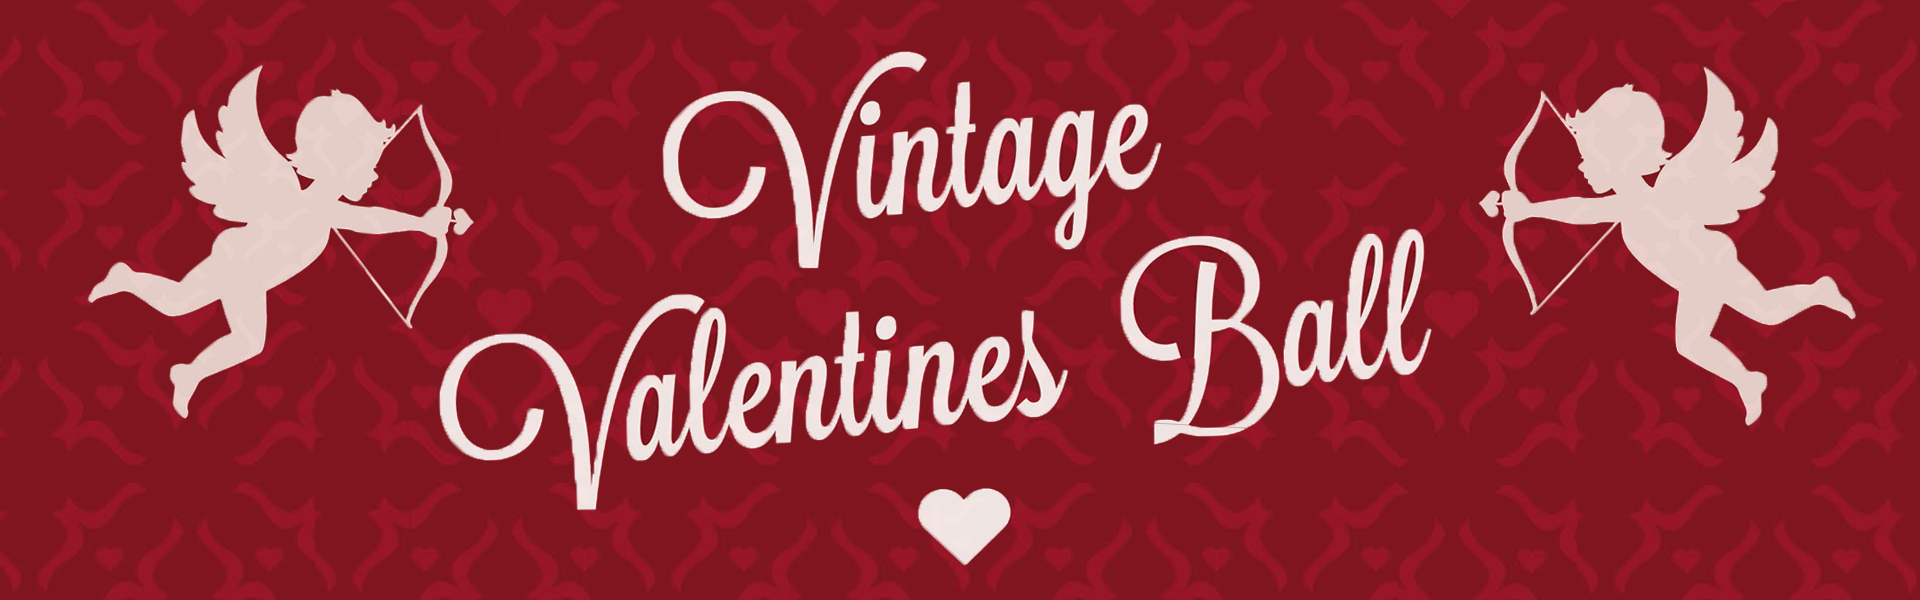 Valentine day ball ideas